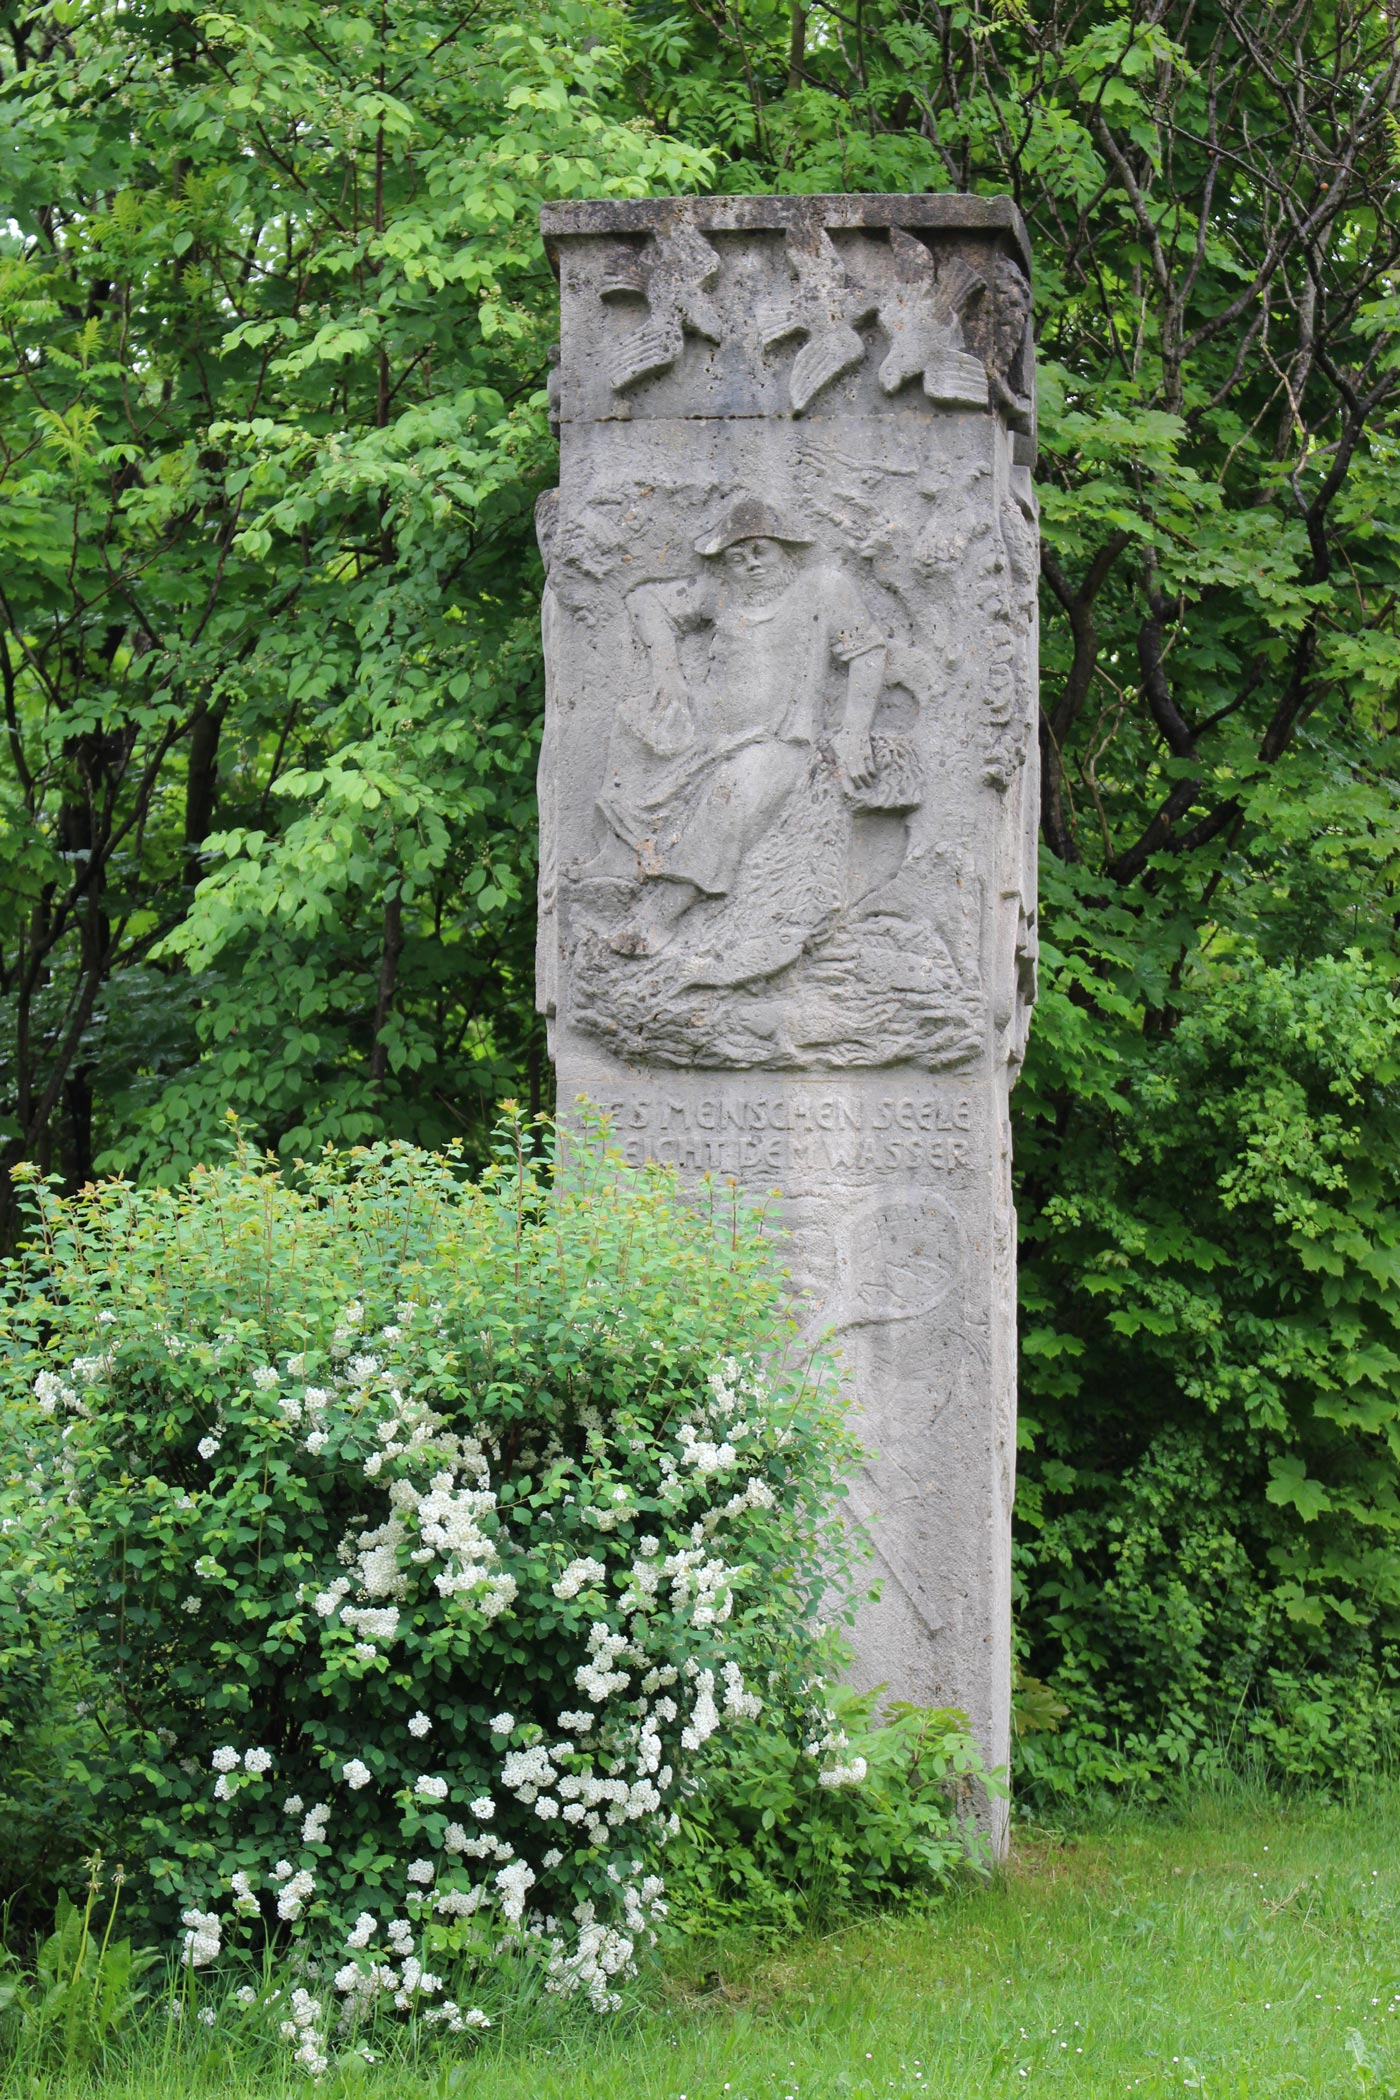 Um Erinnerungen zu bewahren und um der Toten zu gedenken, mahnt ein Denkmal mit religiösen Motiven direkt an der Zufahrtsstraße zum Ort. (Foto: Jeanette Wölfling)